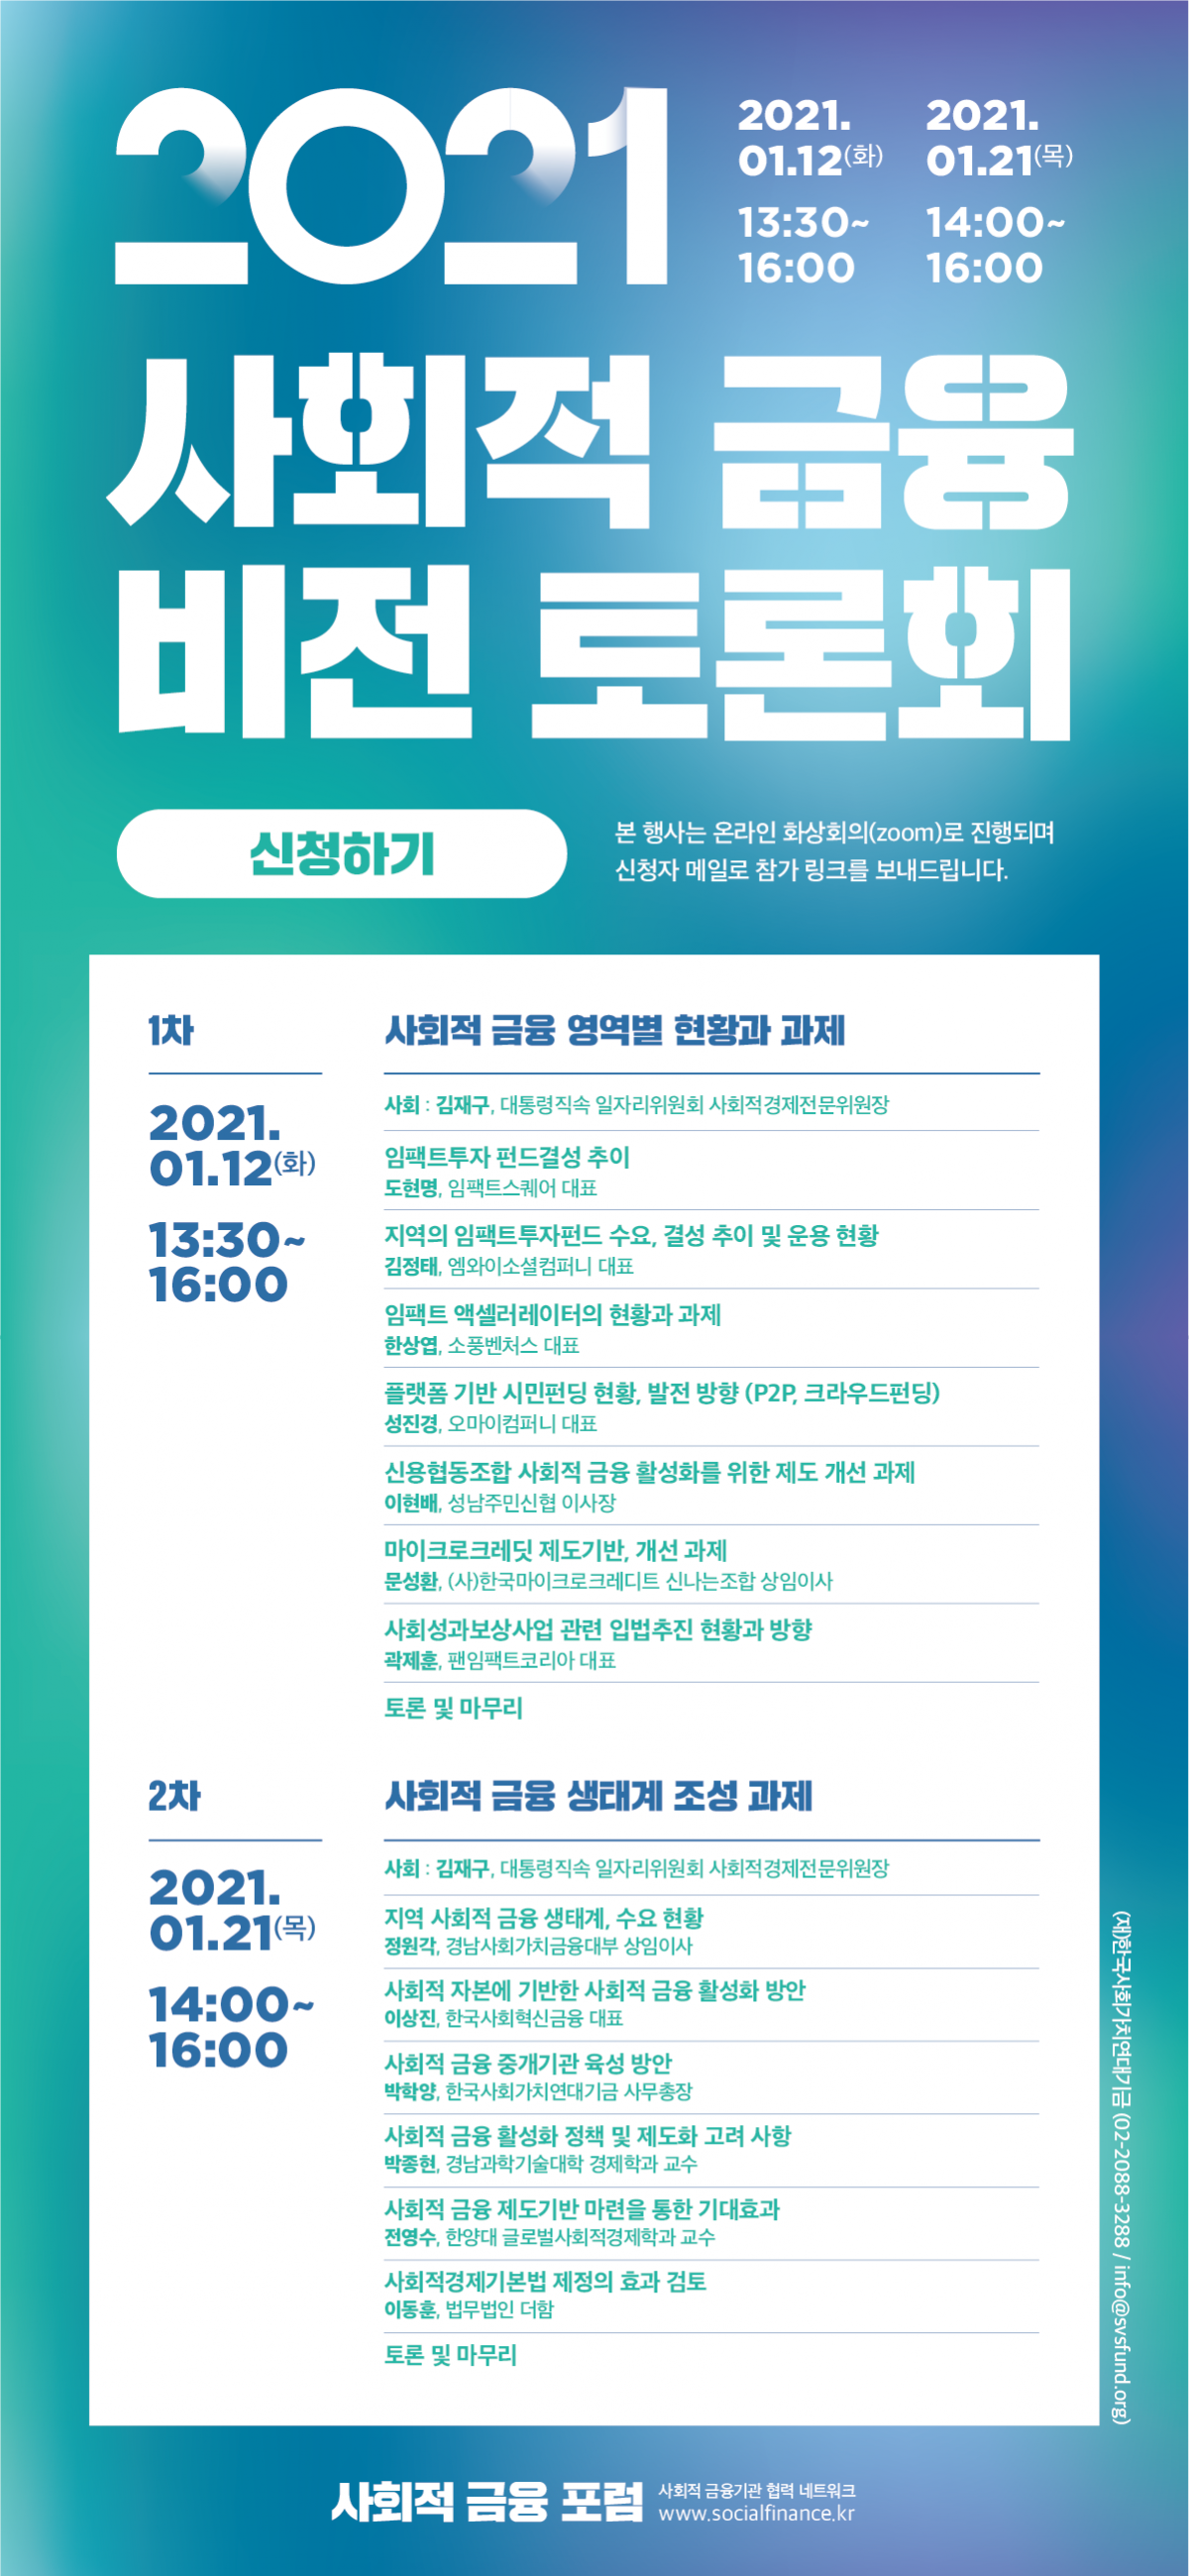 [공지] 한국사회가치연대기금 | 2021 사회적금융 비전 토론회